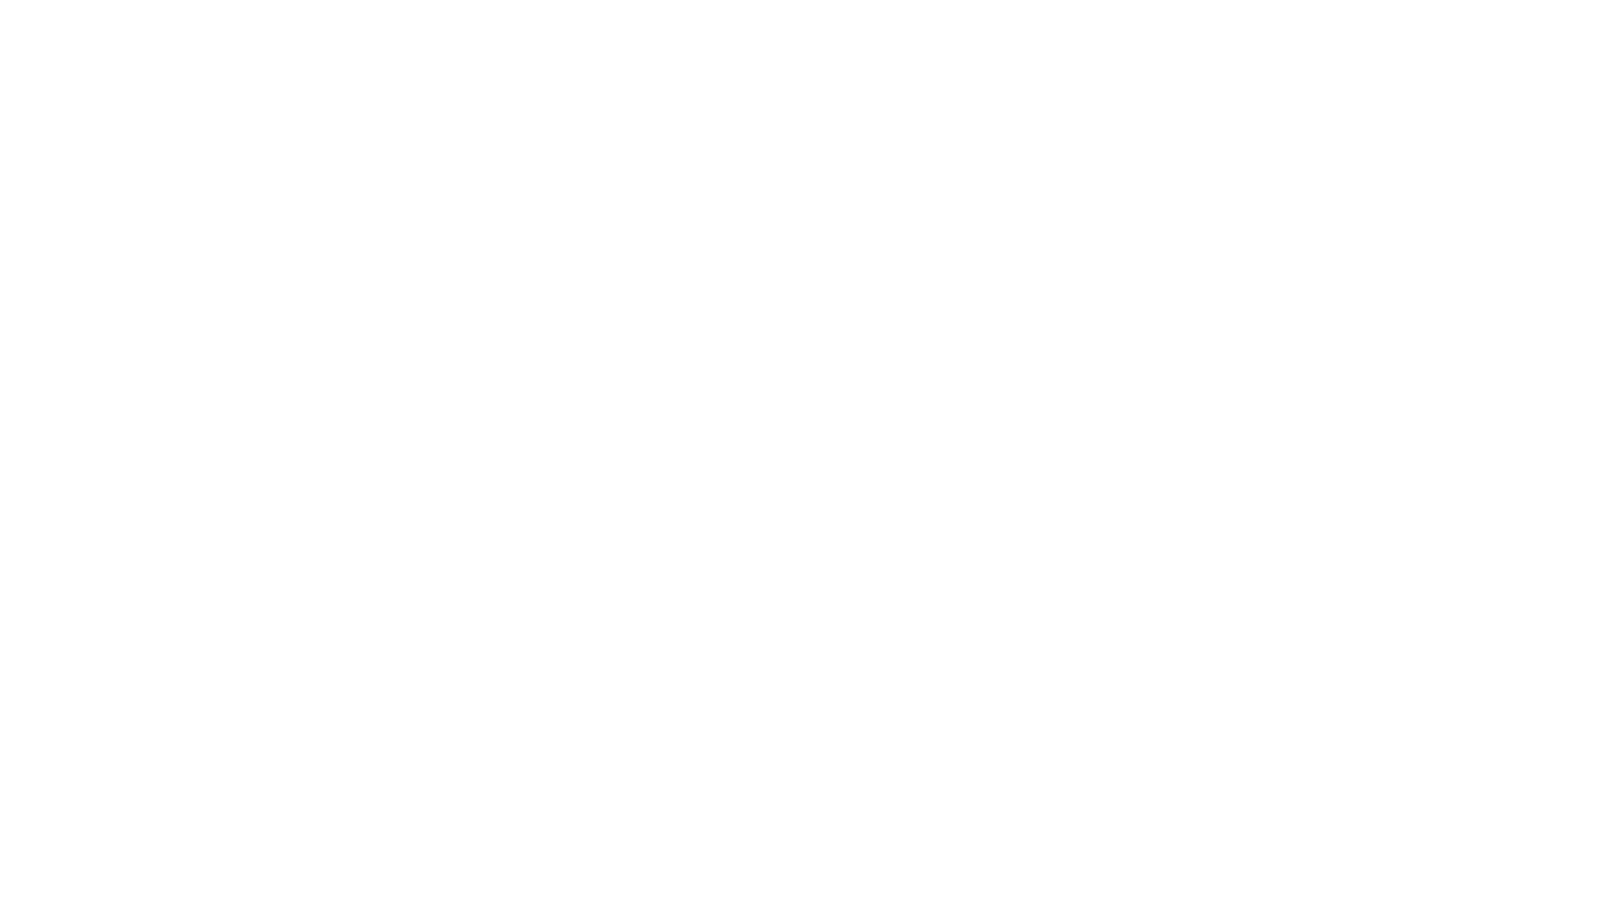 Entrevista com o especialista Emerson Bovo da Ottobock Brasil sobre o Genium X3 e todas as possibilidades que este joelho biônico inteligente oferece aos amputados.  INSCREVA-SE no canal e deixe seus comentários!!   ME ACOMPANHE NAS REDES SOCIAIS: Instagram: @juninhobrito e @ortovancpo   AVISO LEGAL:   As informações contidas nos vídeos não pretendem substituir a consulta ao profissional. Escolha clínicas ortopédicas idôneas com fisioterapeutas e protesistas capacitados.